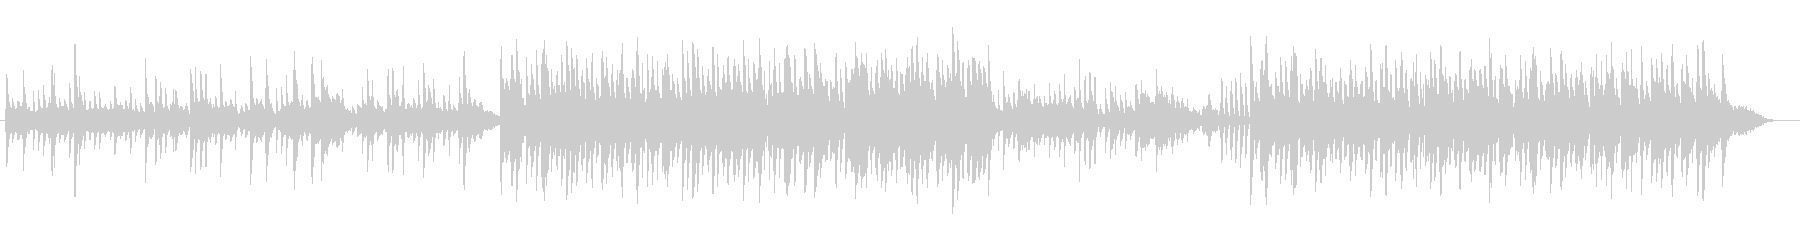 メルヘンチックなピアノバラードの未再生の波形